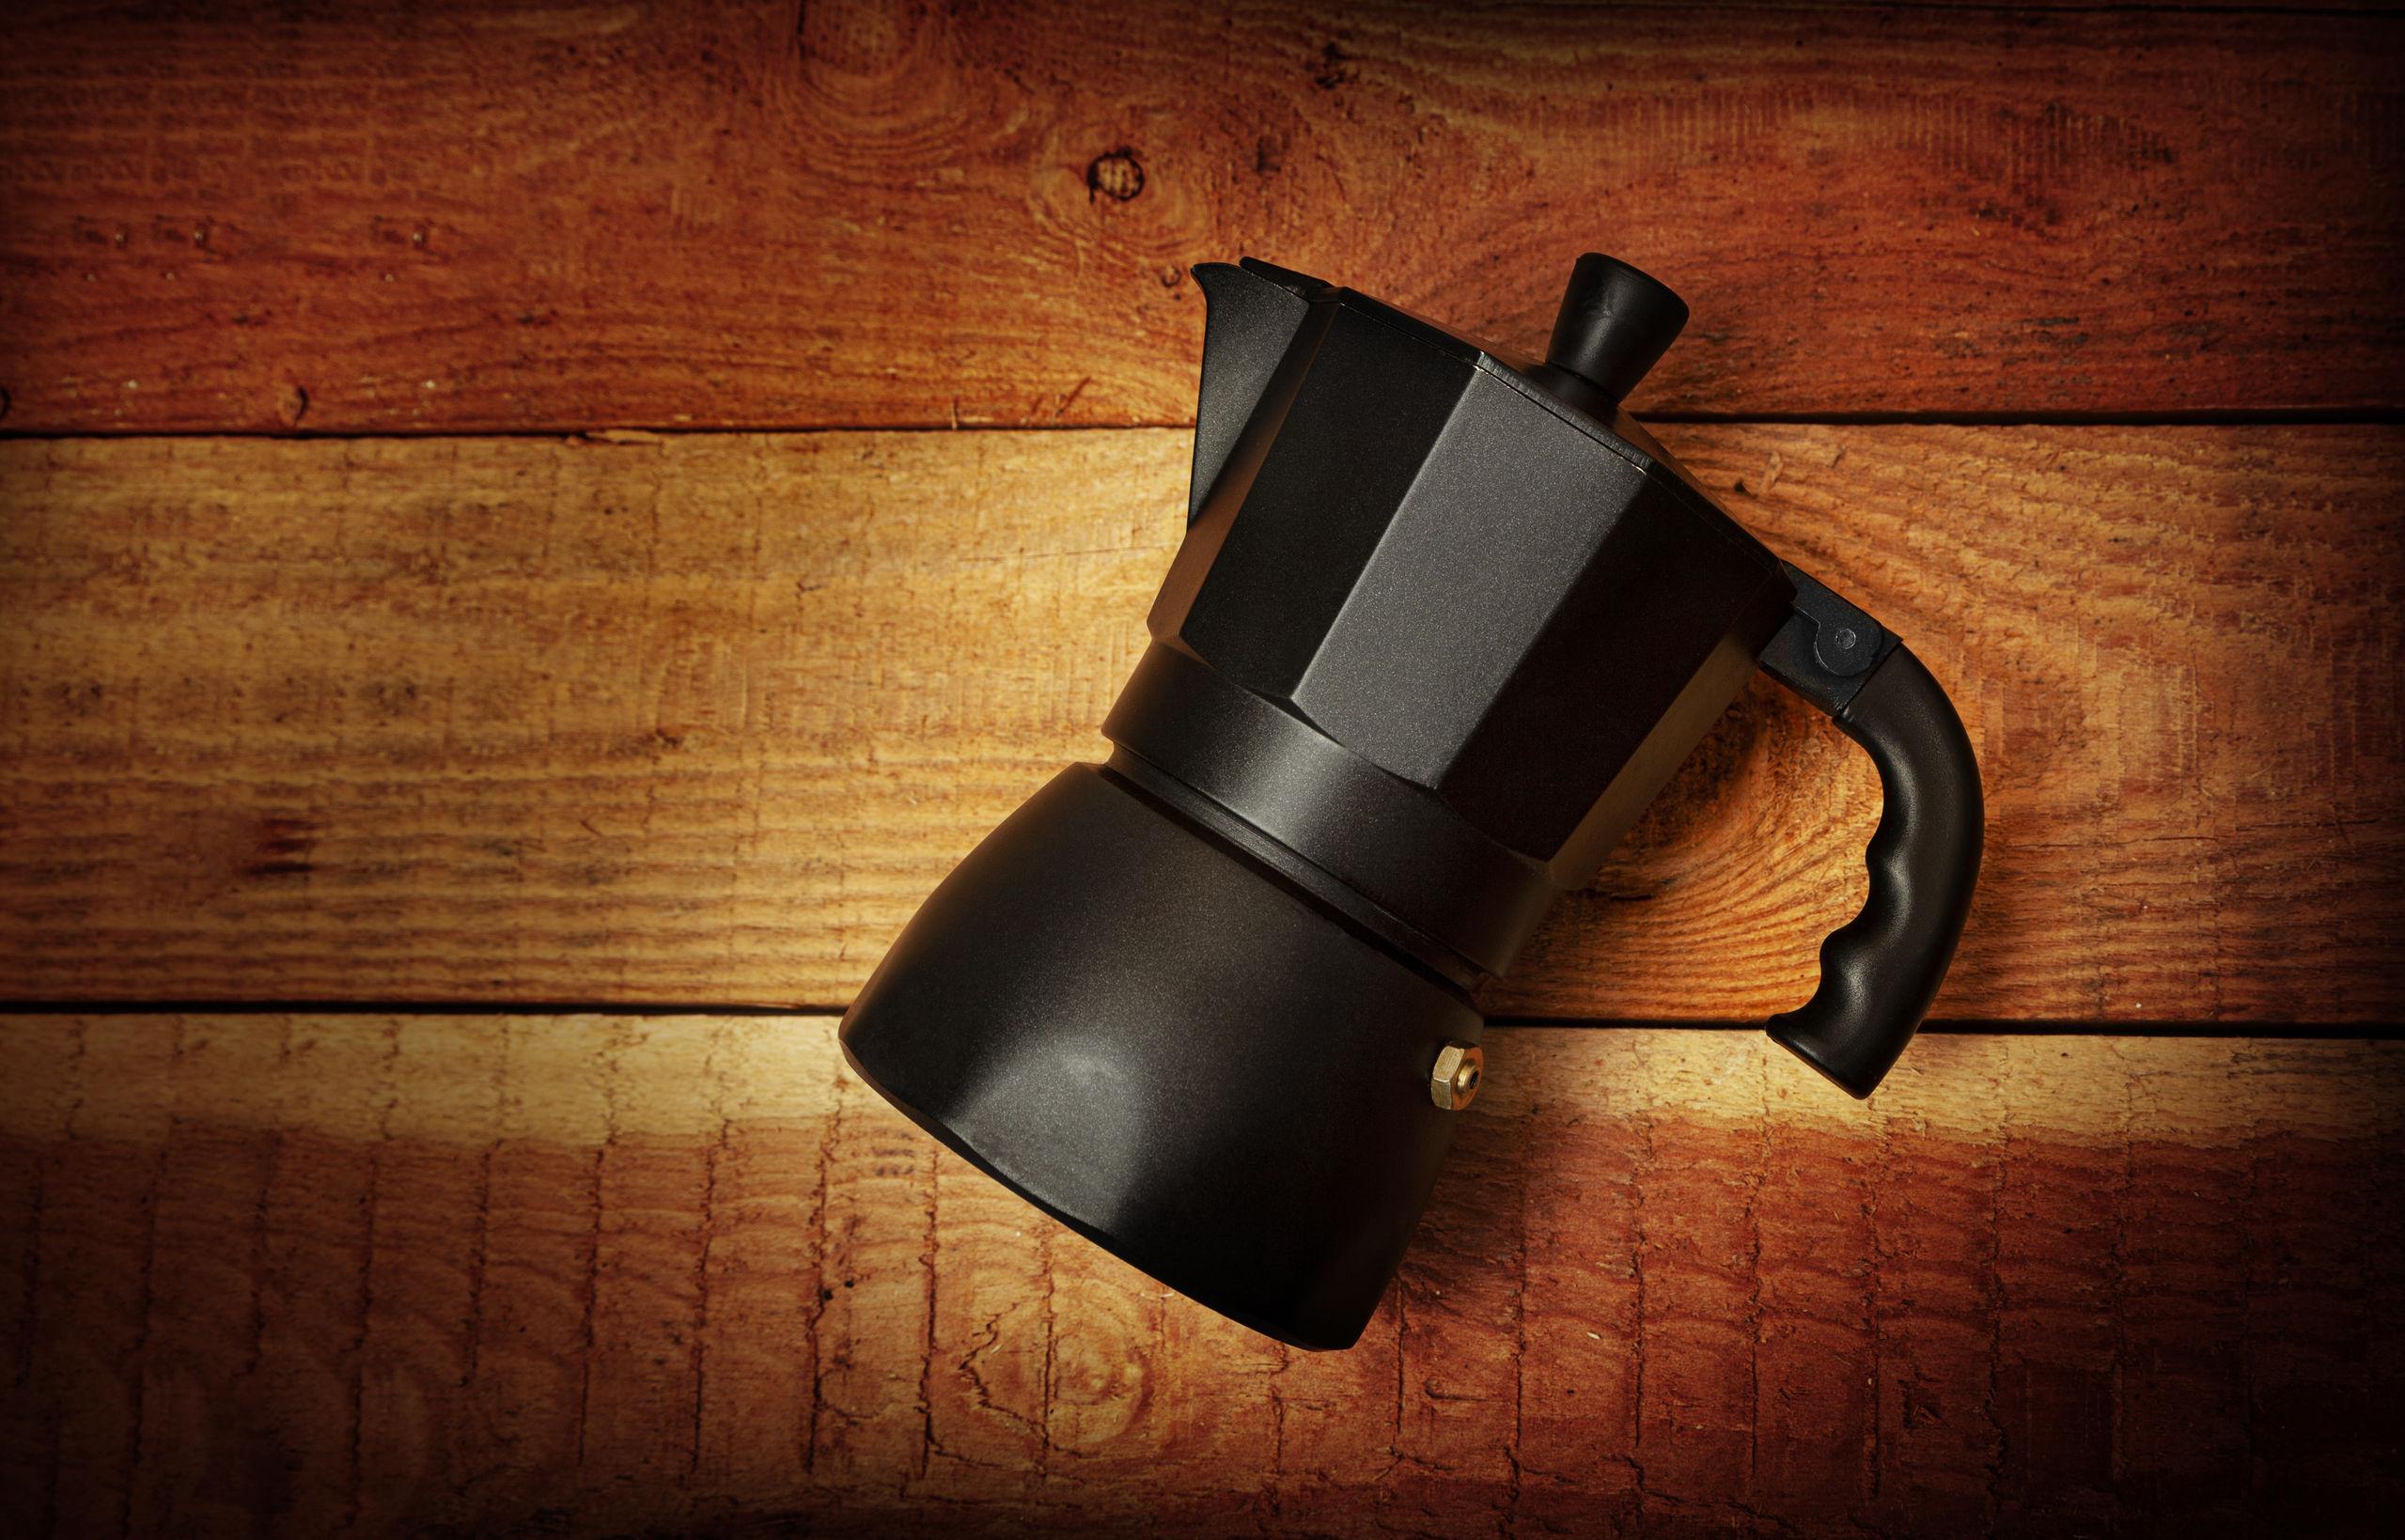 cafetera italiana negro aislado sobre fondo de madera